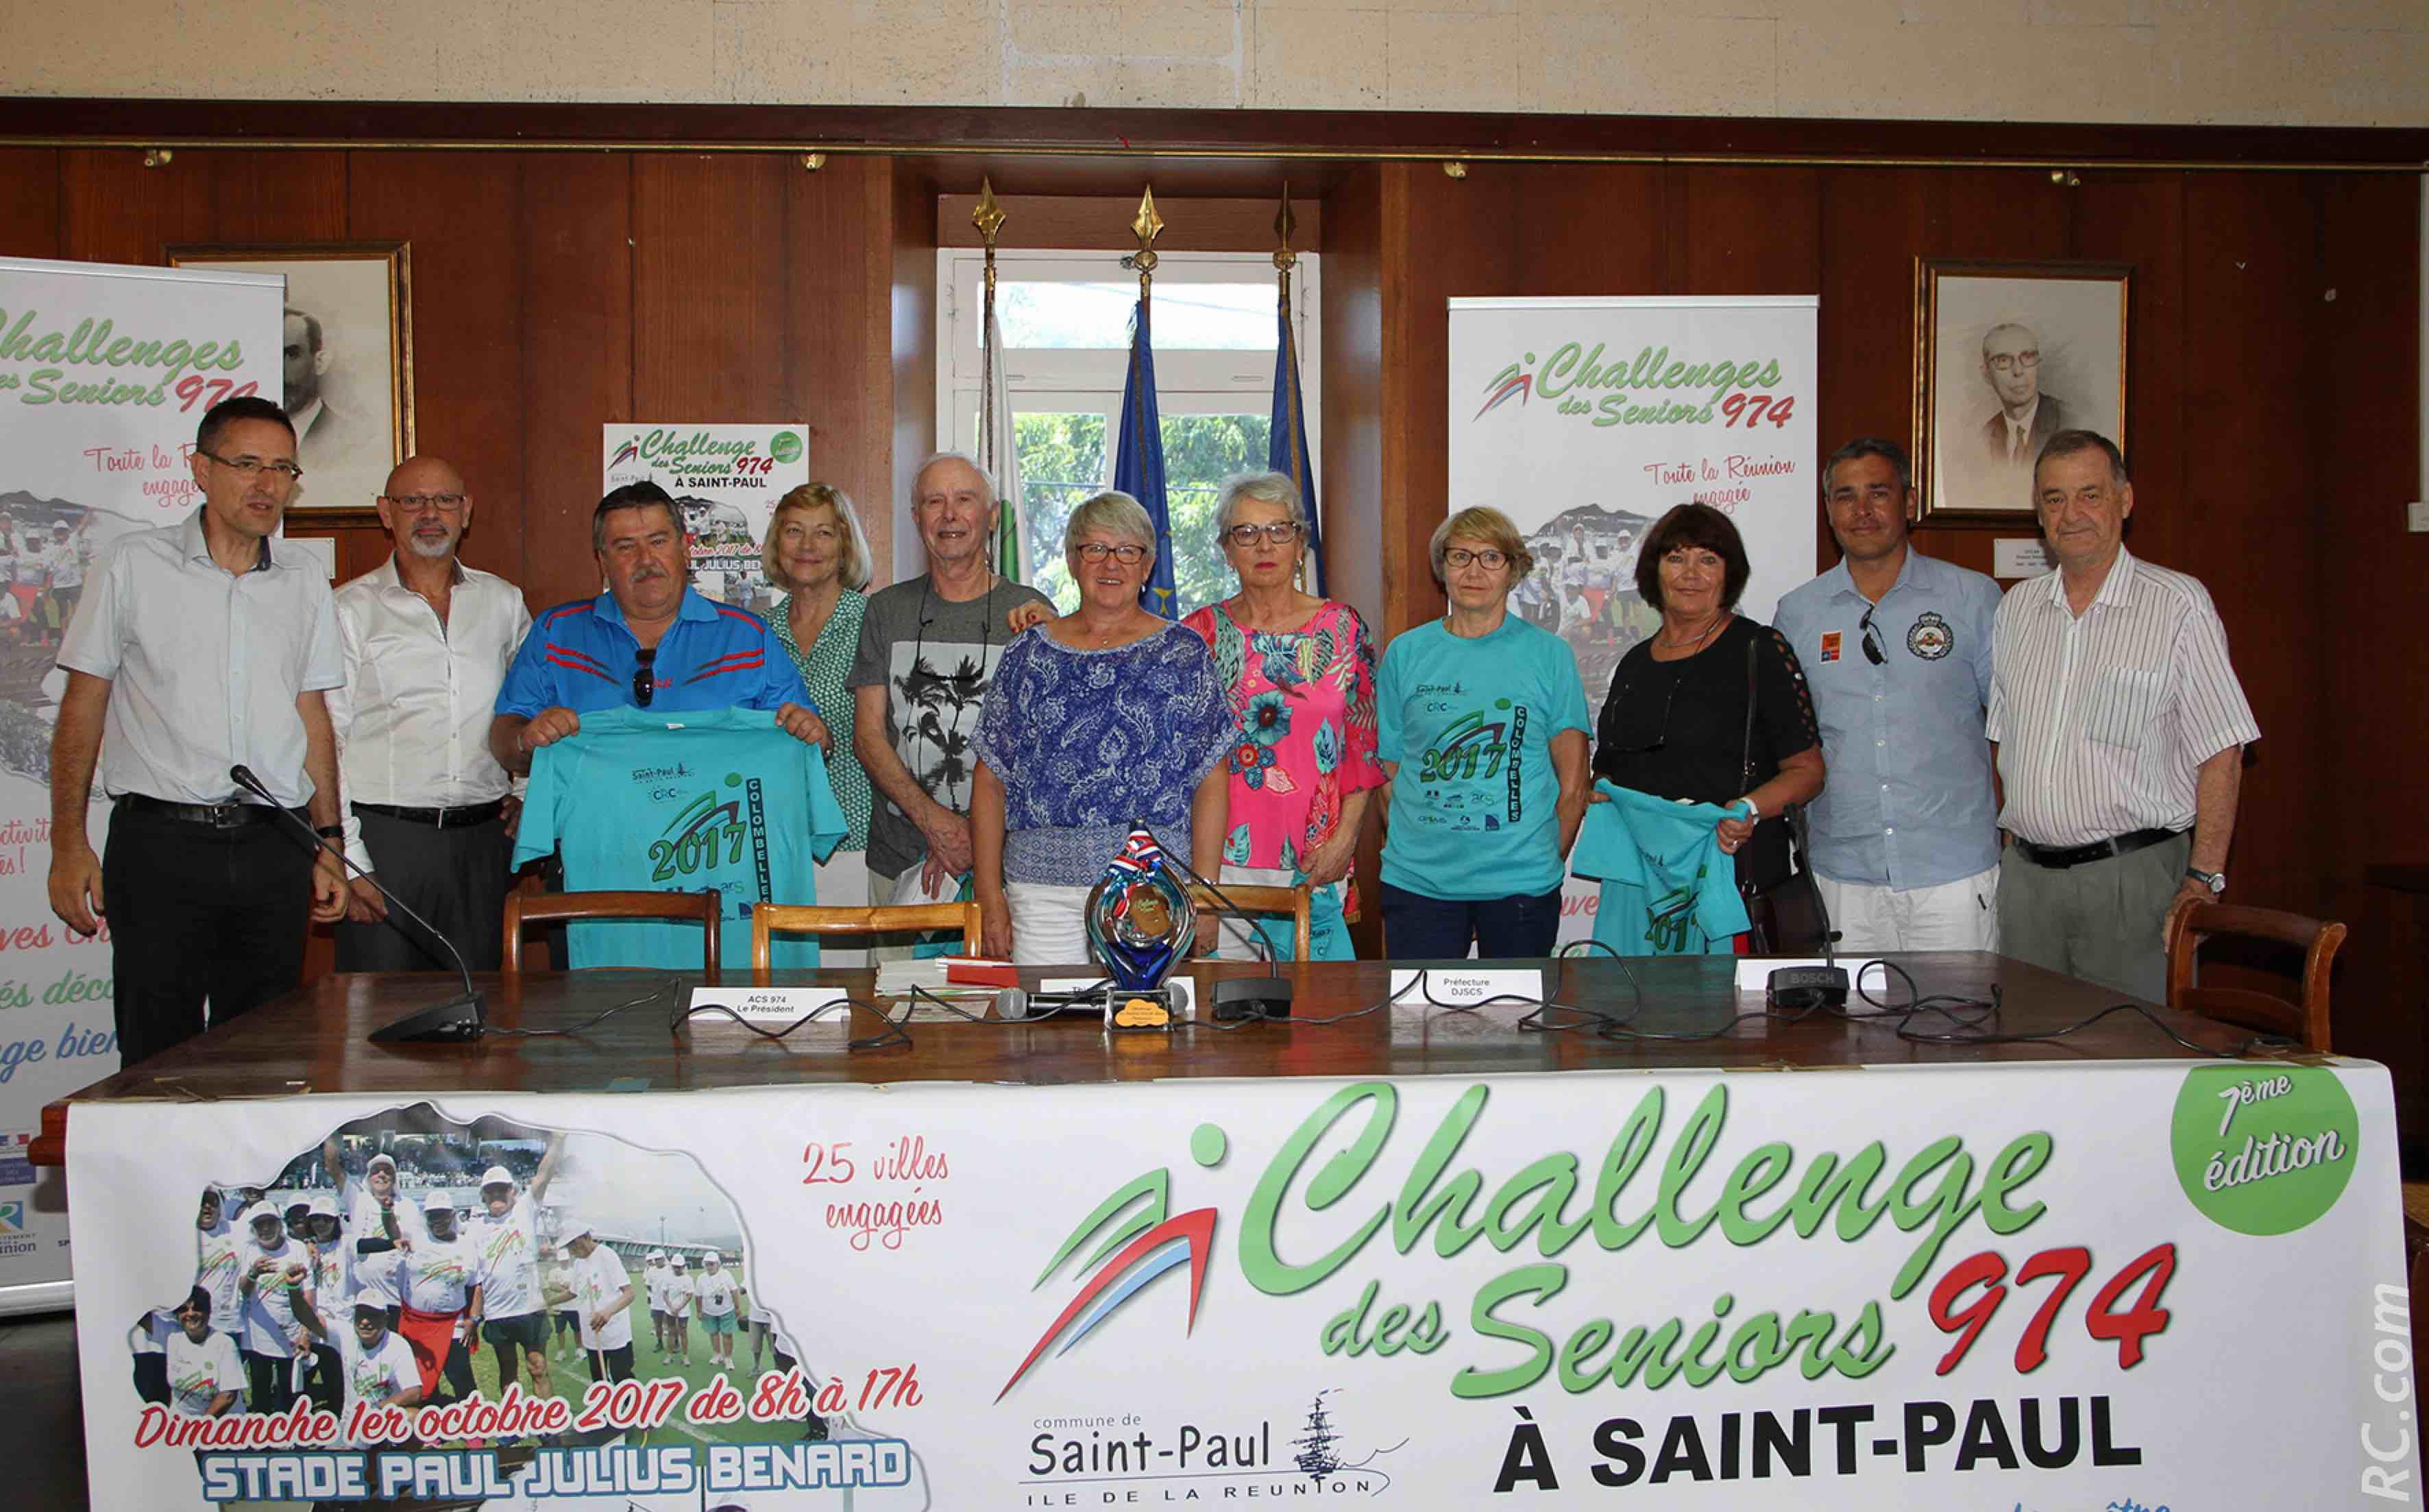 L'équipe de Collombel ( Normandie) sera complétée par des participants de Sainte-Suzanne